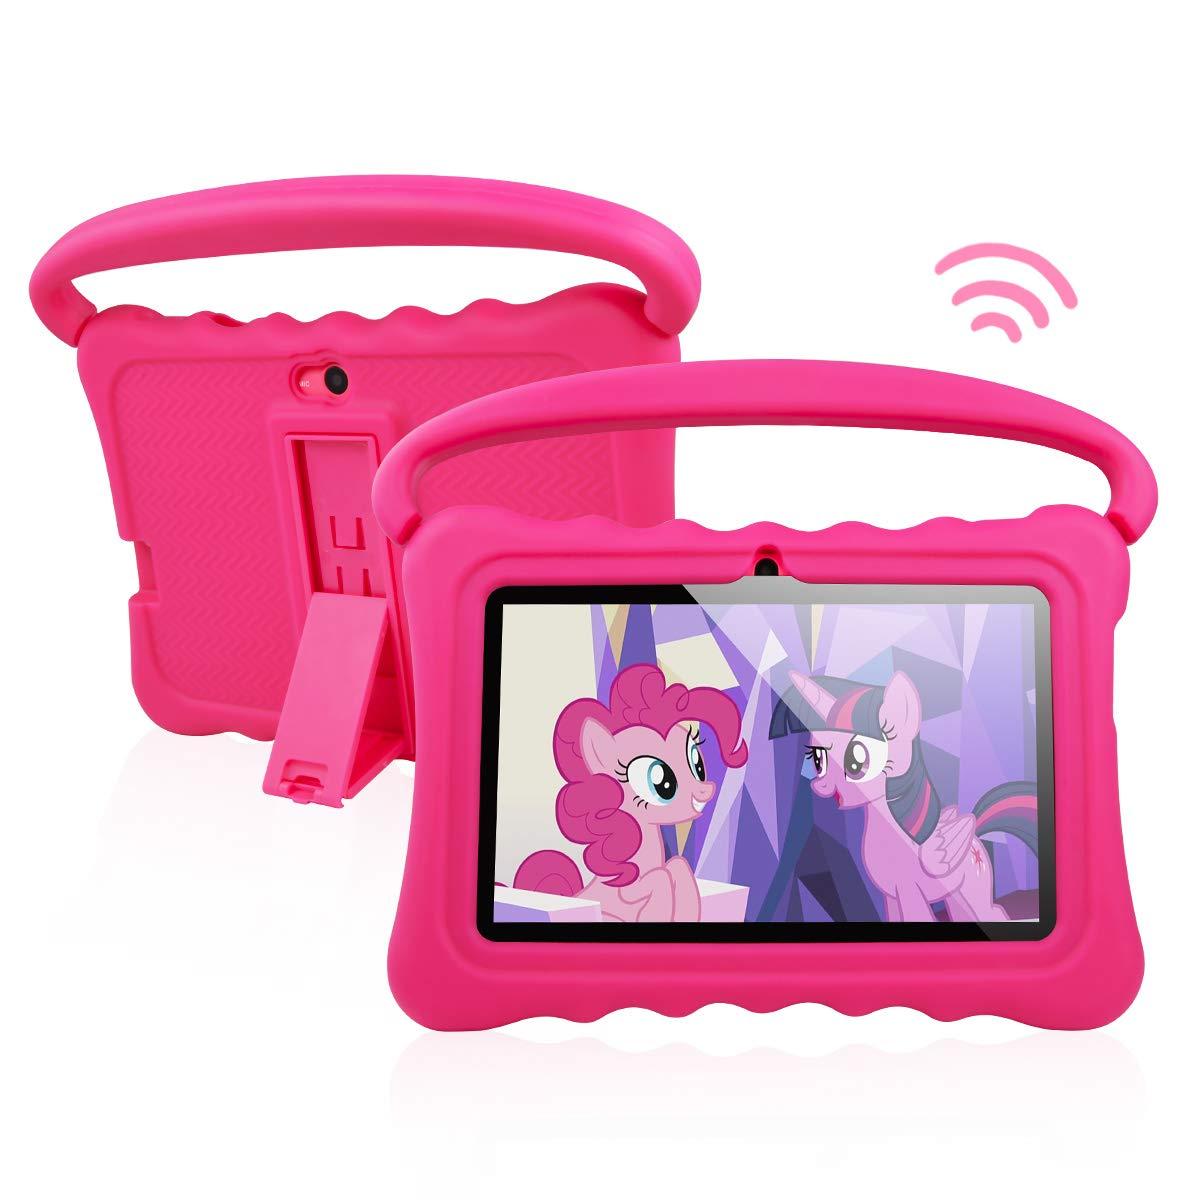 Tablet PC para niños Android 8.1 OS Tabletas de Pantalla Full HD de 7 Pulgadas para niños 1 GB de RAM 16 GB de Almacenamiento Quad-Core 1.3Hz